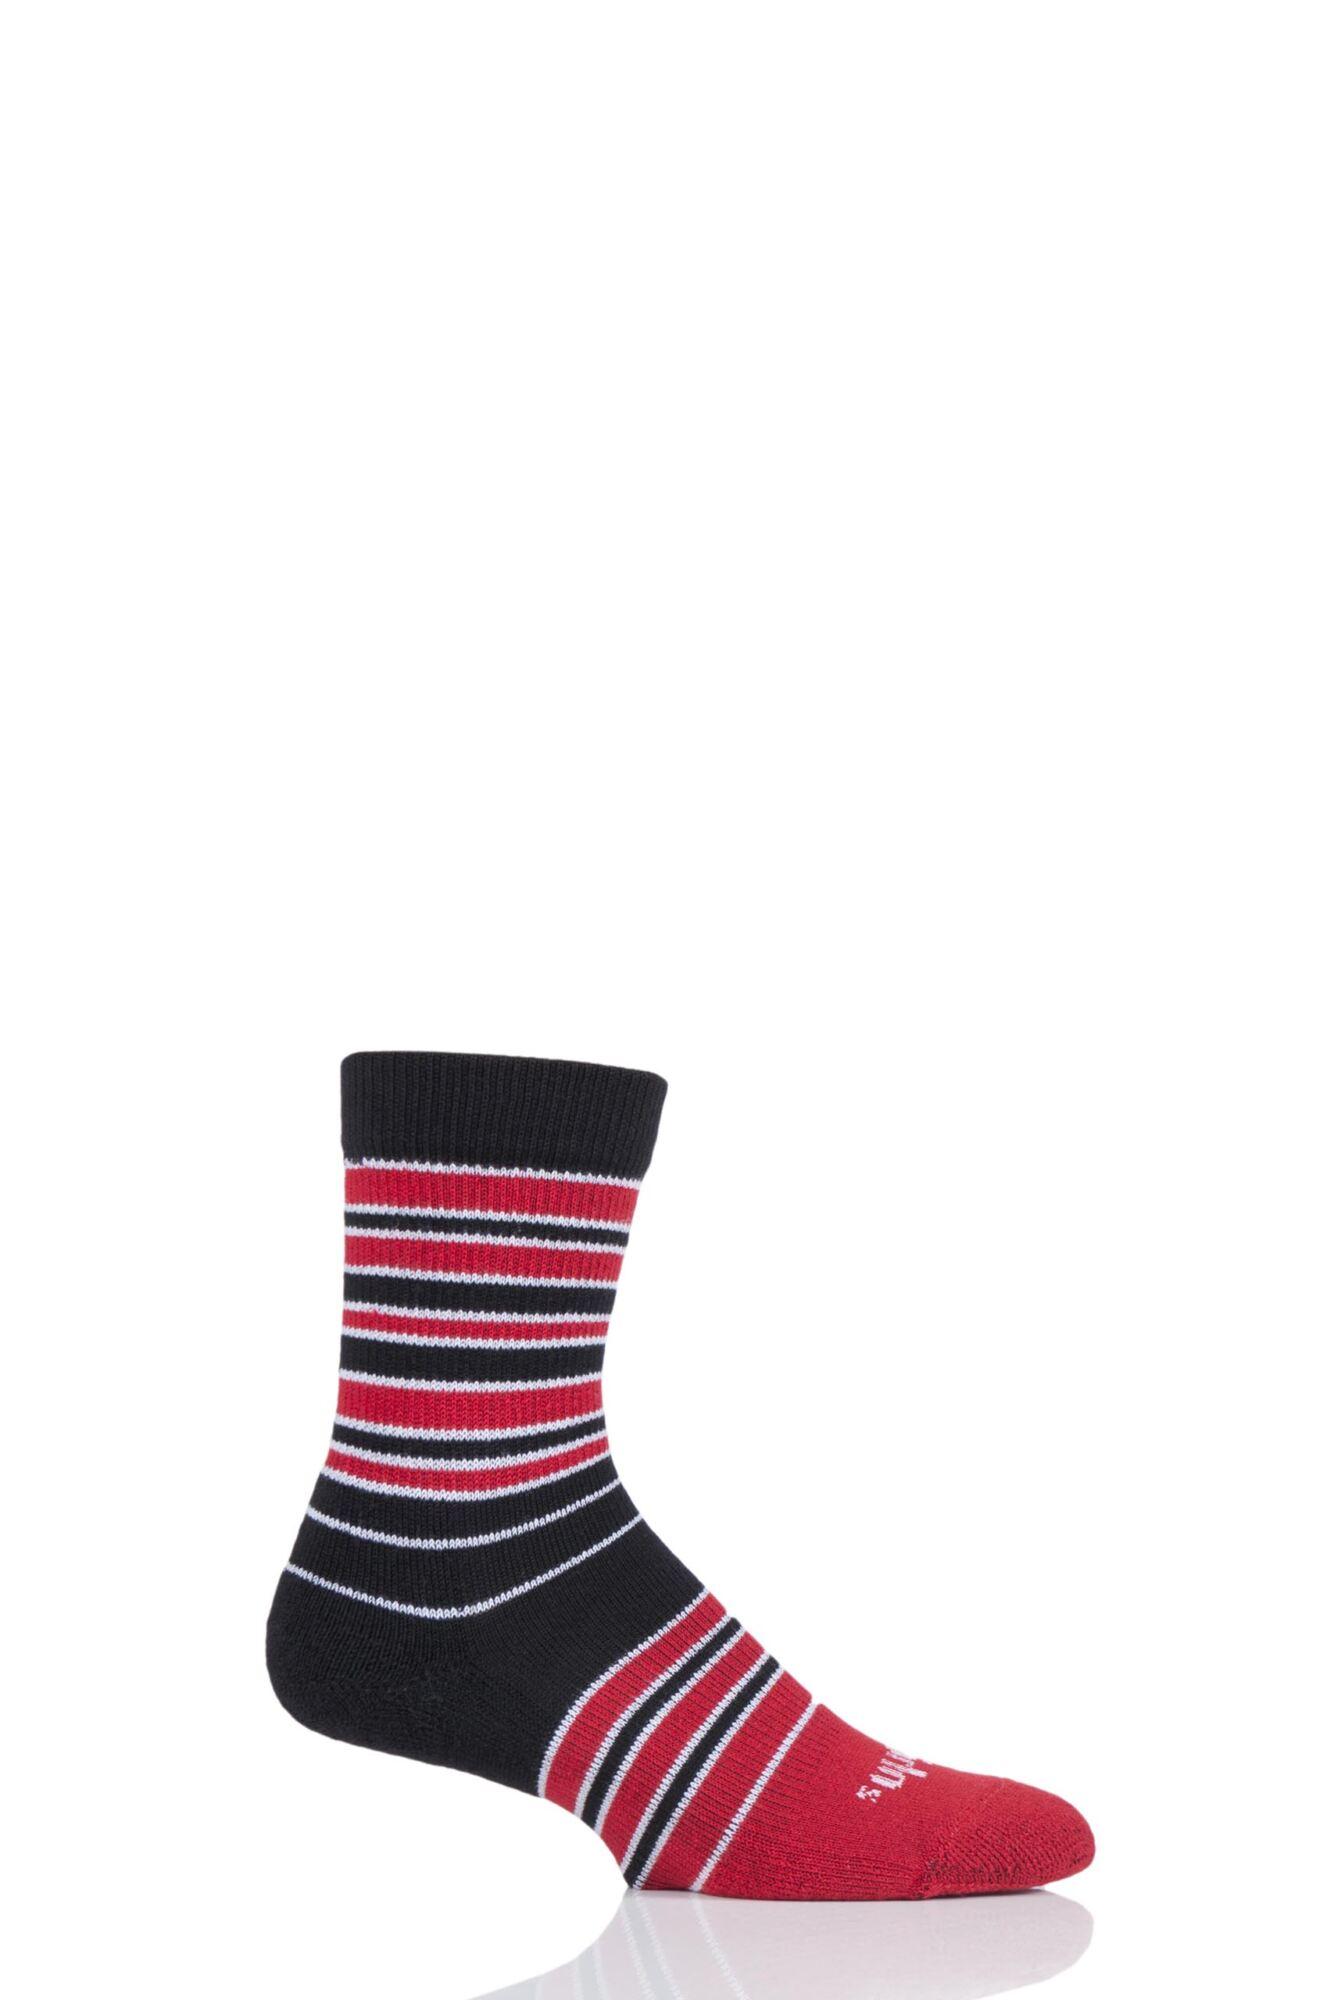 1 Pair Striped Crew Socks Unisex - Thorlos